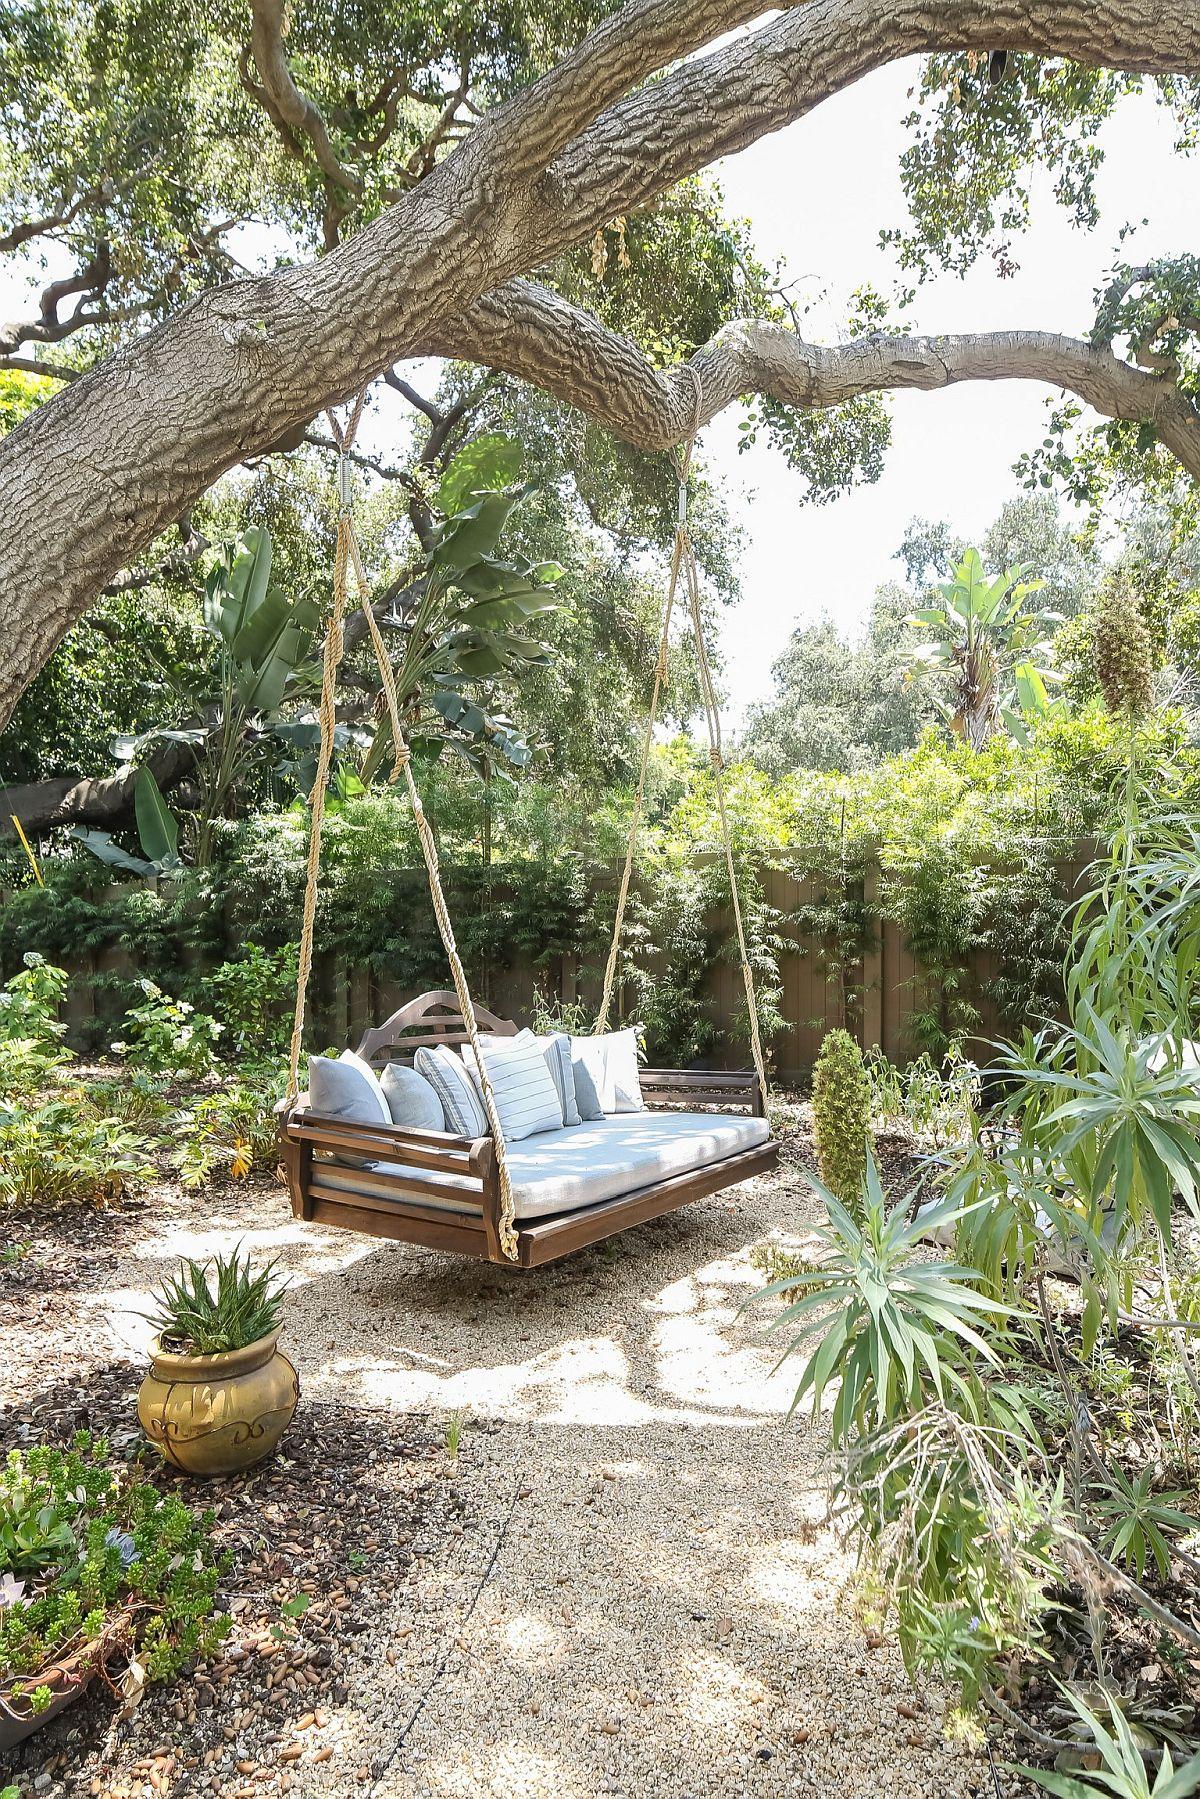 Le banc pivotant dans le jardin est un endroit idéal pour se reposer dans le jardin